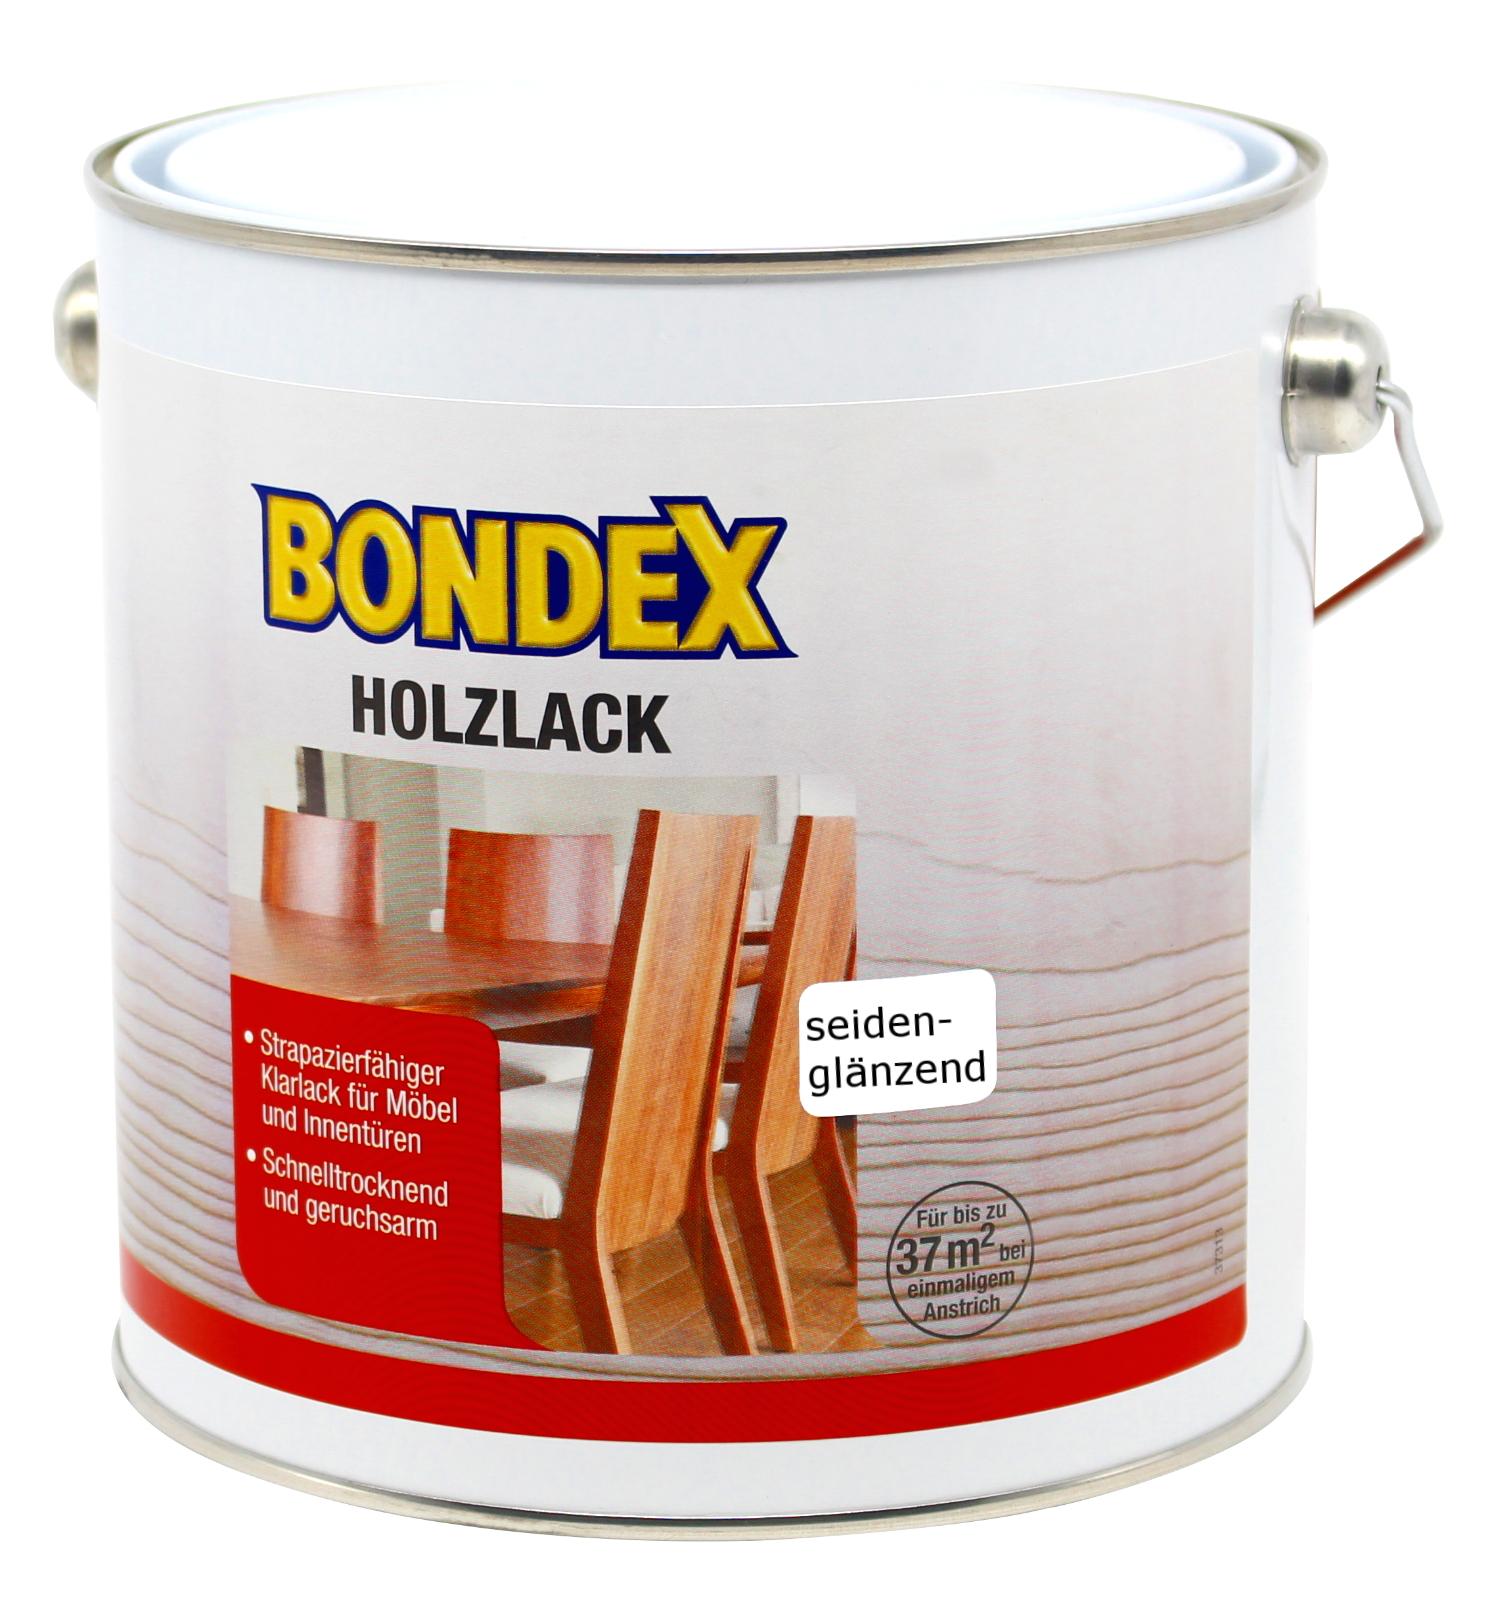 Bondex Holzlack Seidenglänzend 25l Klarlack Holz Lack Innen Ebay